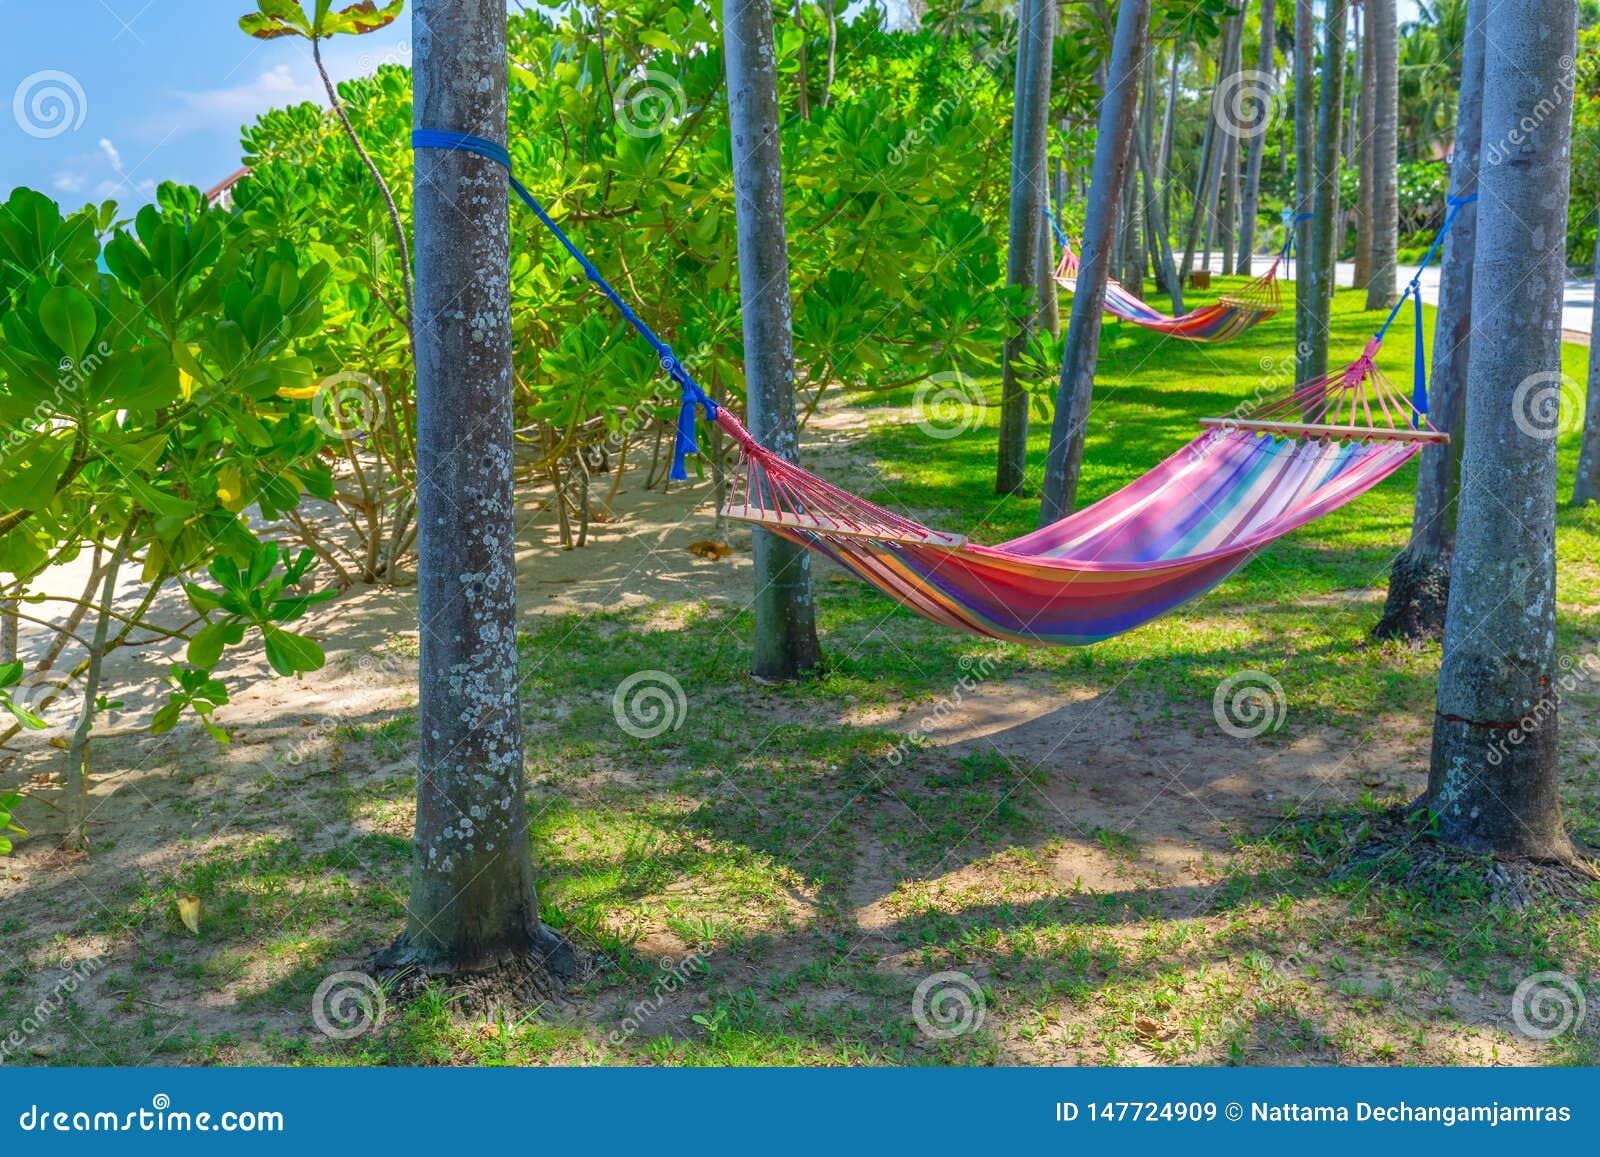 H?ngematte zwischen Palmen auf tropischem Strand Paradies-Insel f?r Feiertage und Entspannung